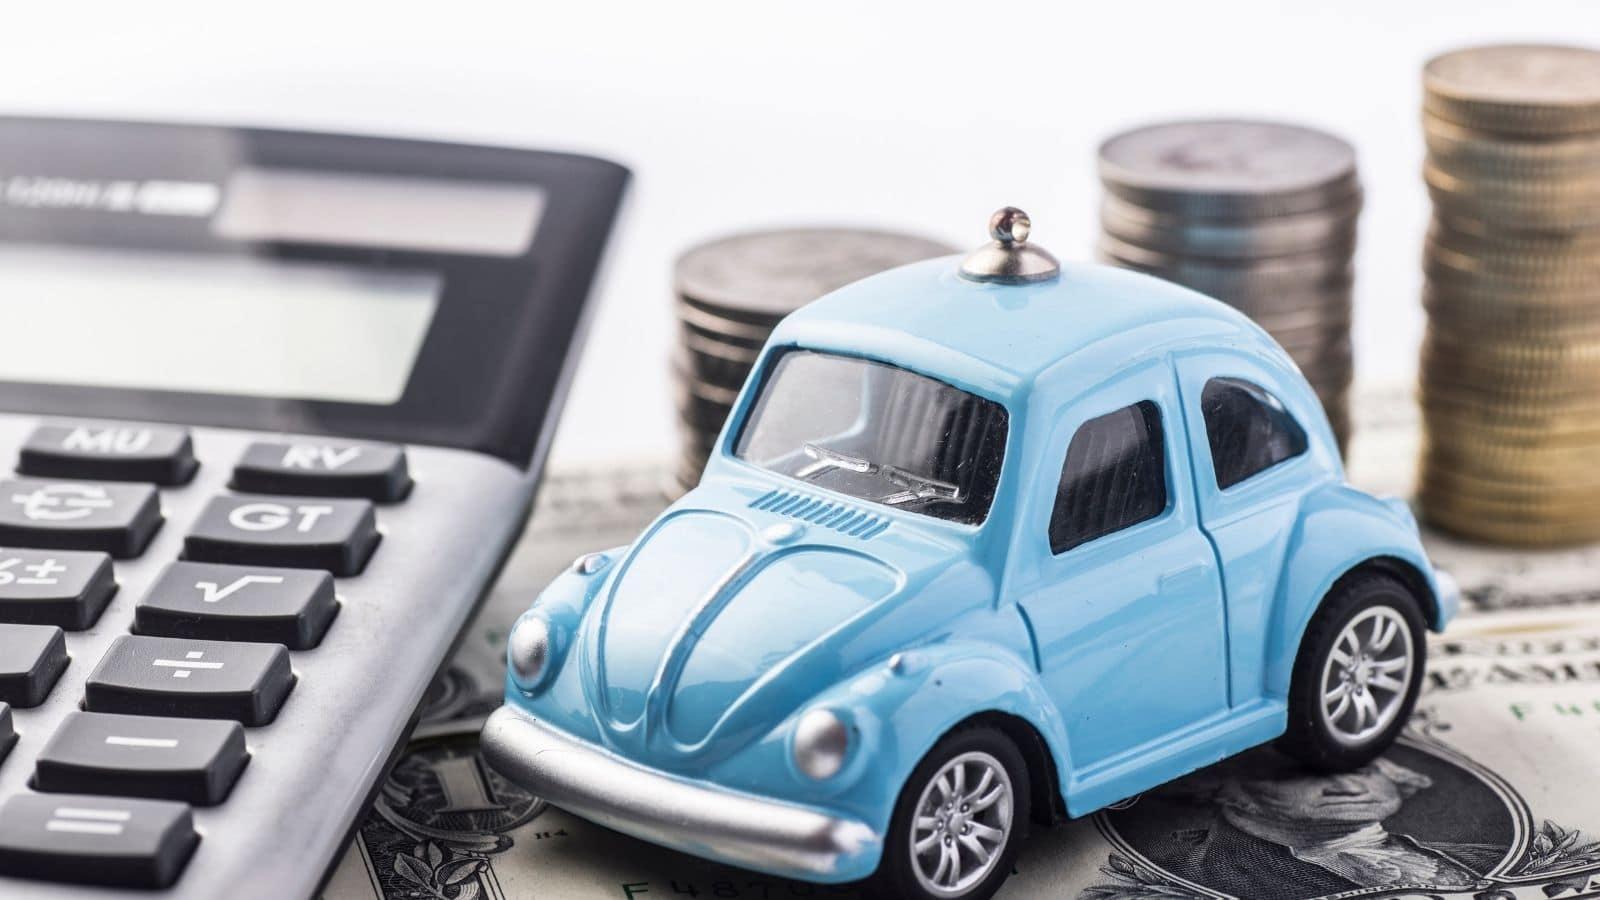 beli-manfaat-asuransi-mobil